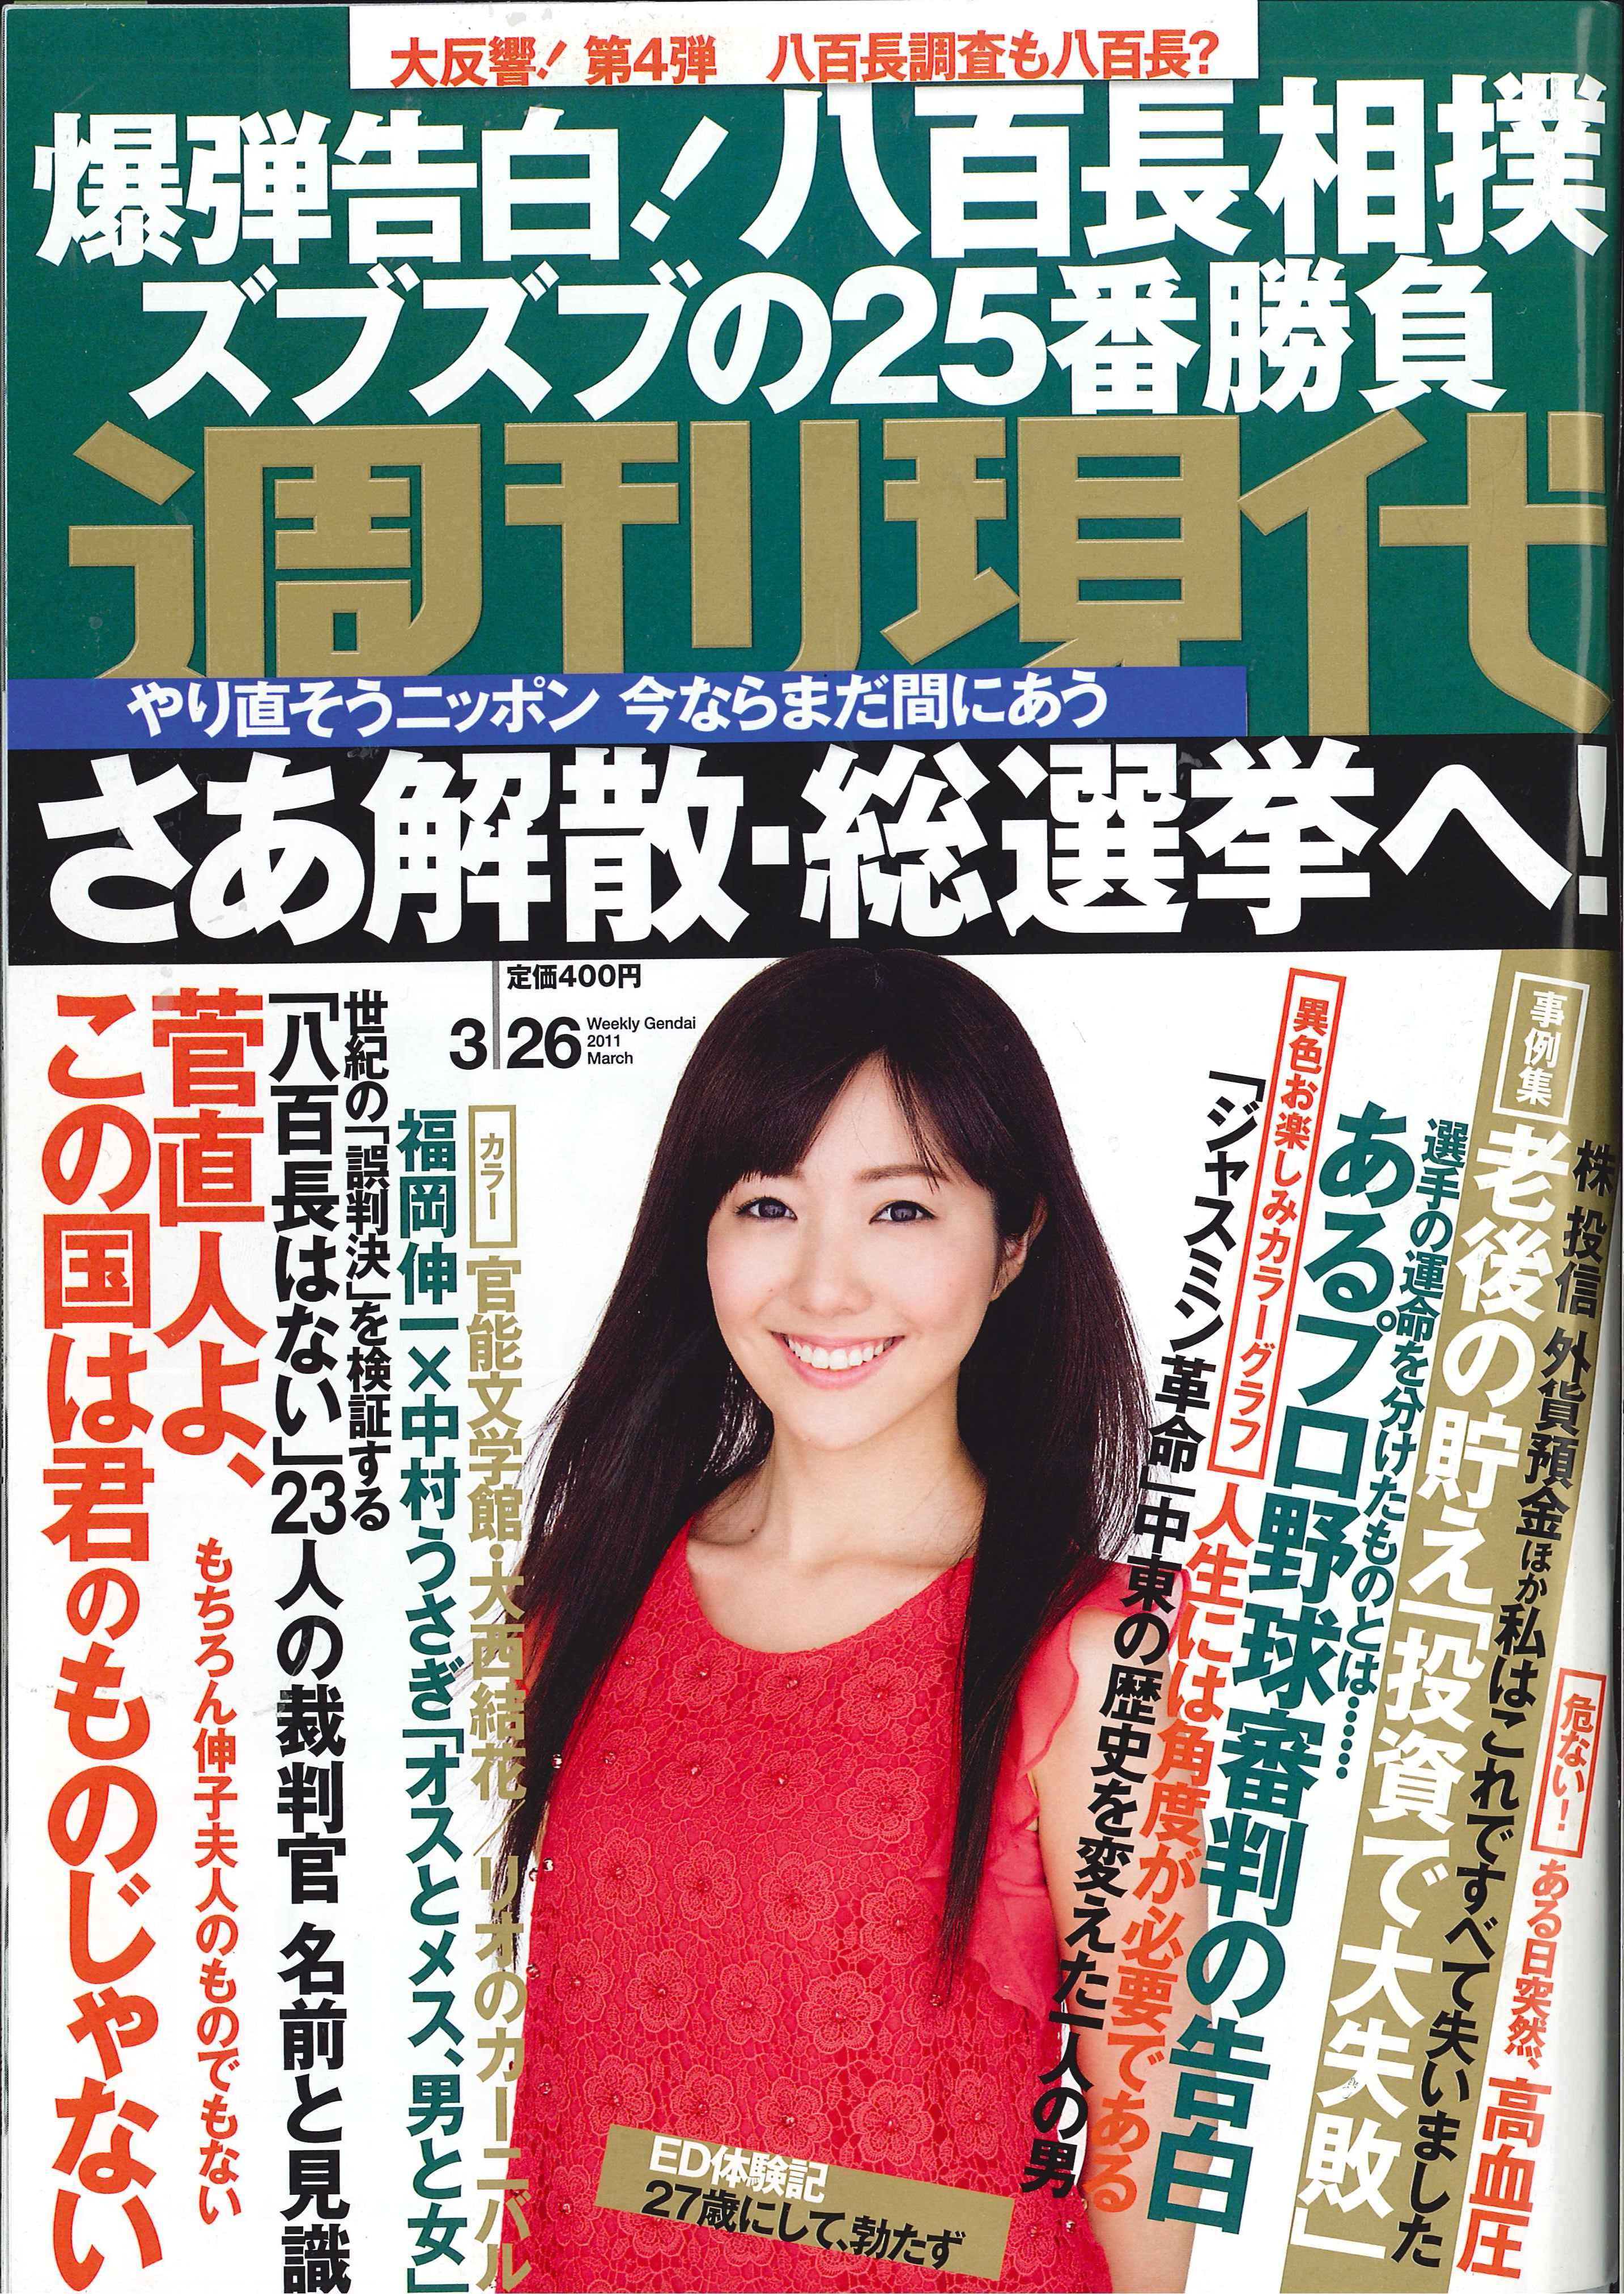 2011-3-14 週刊現代-1.jpg